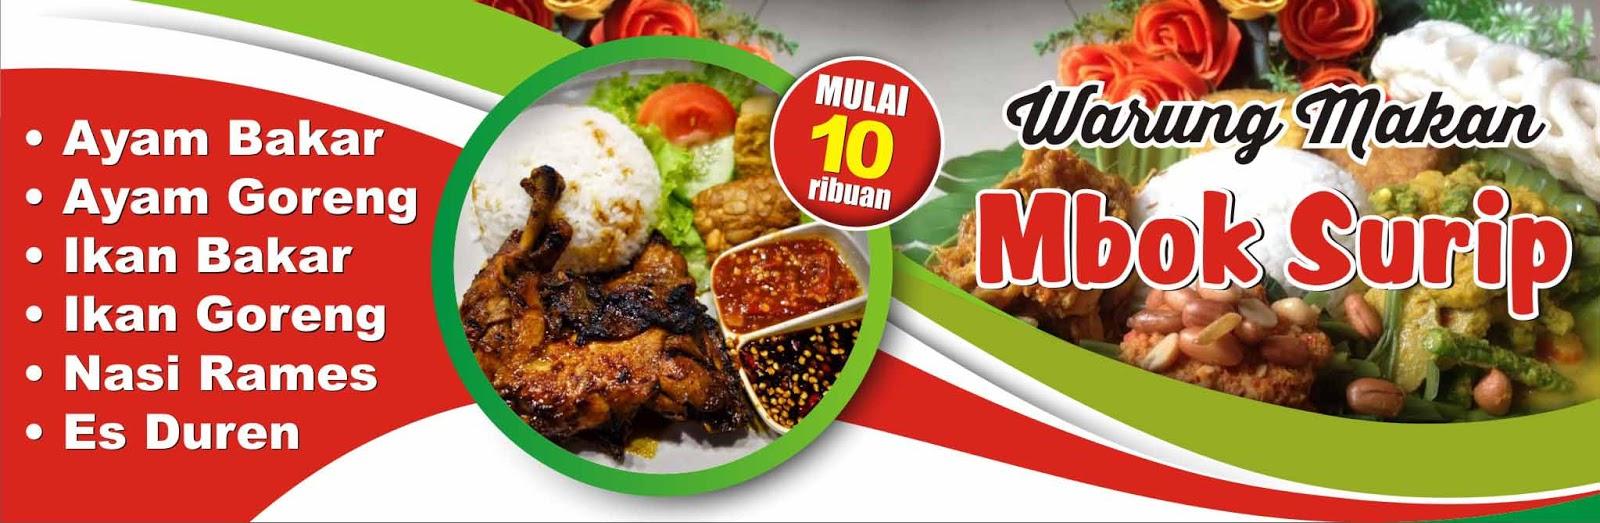 Desain Banner Makanan Best Image Of Amazinglive Site